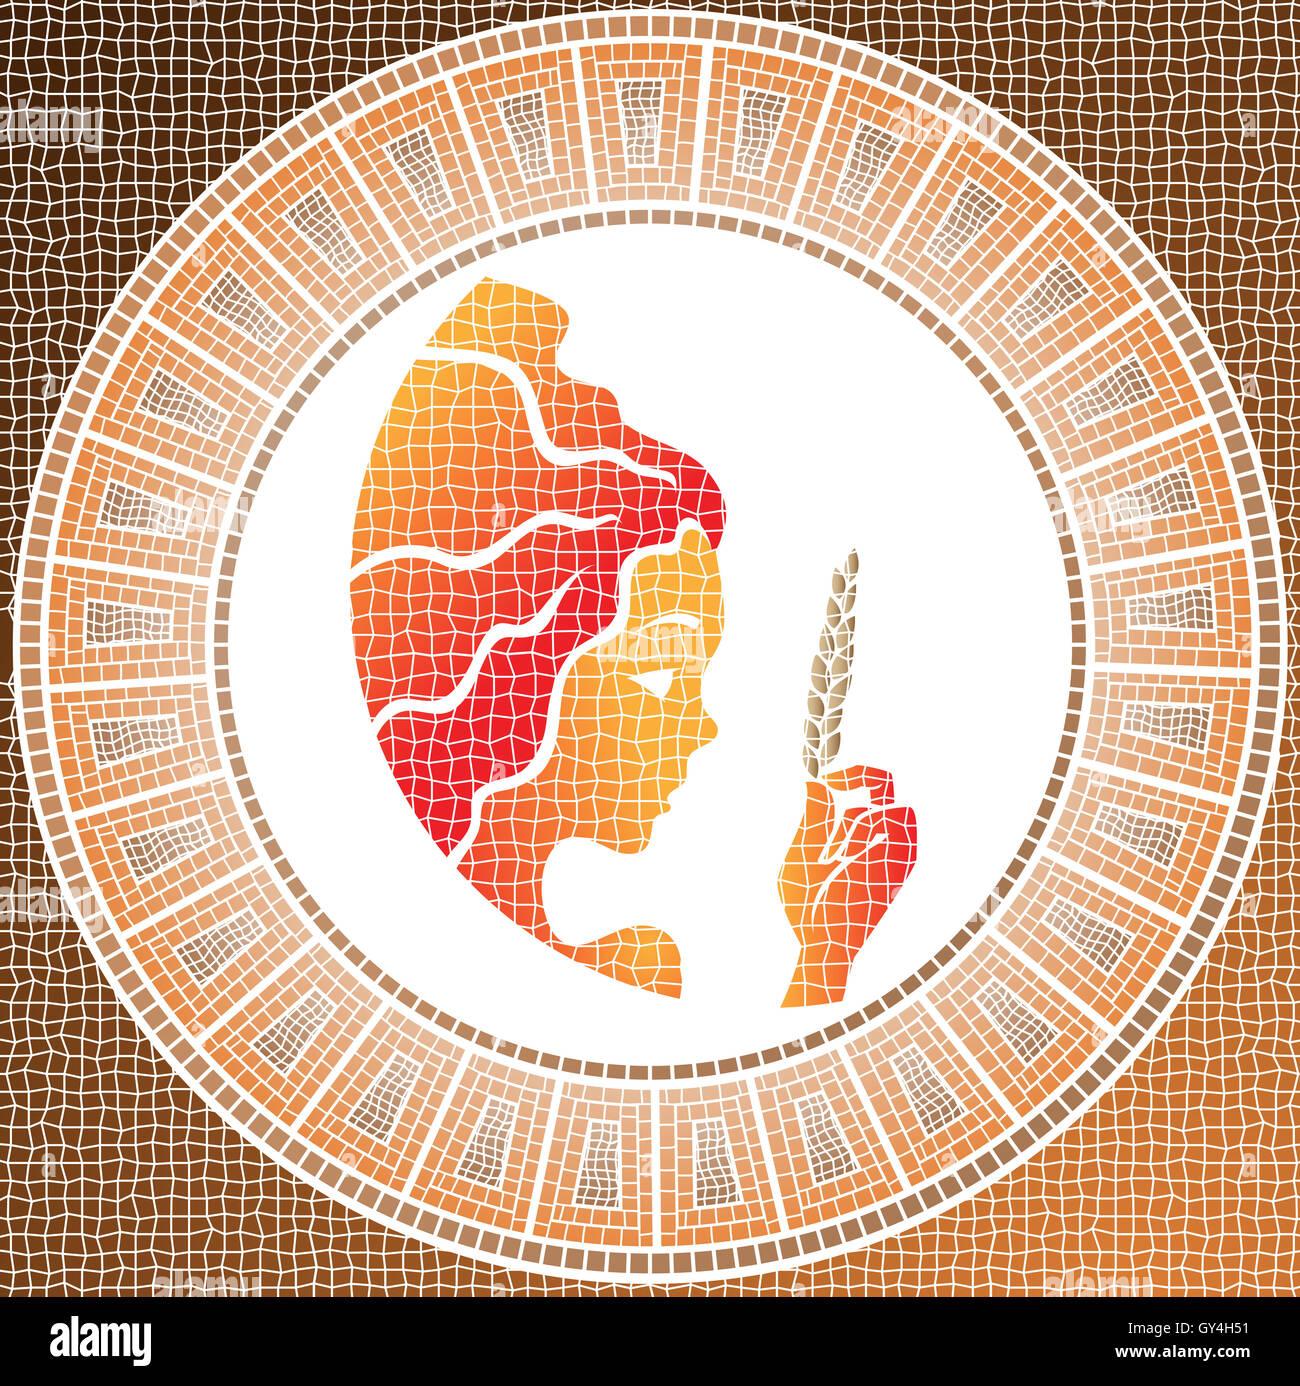 Cool Jungfrau Element Ideen Von Erde: Sternzeichen Auf Einem Mosaik